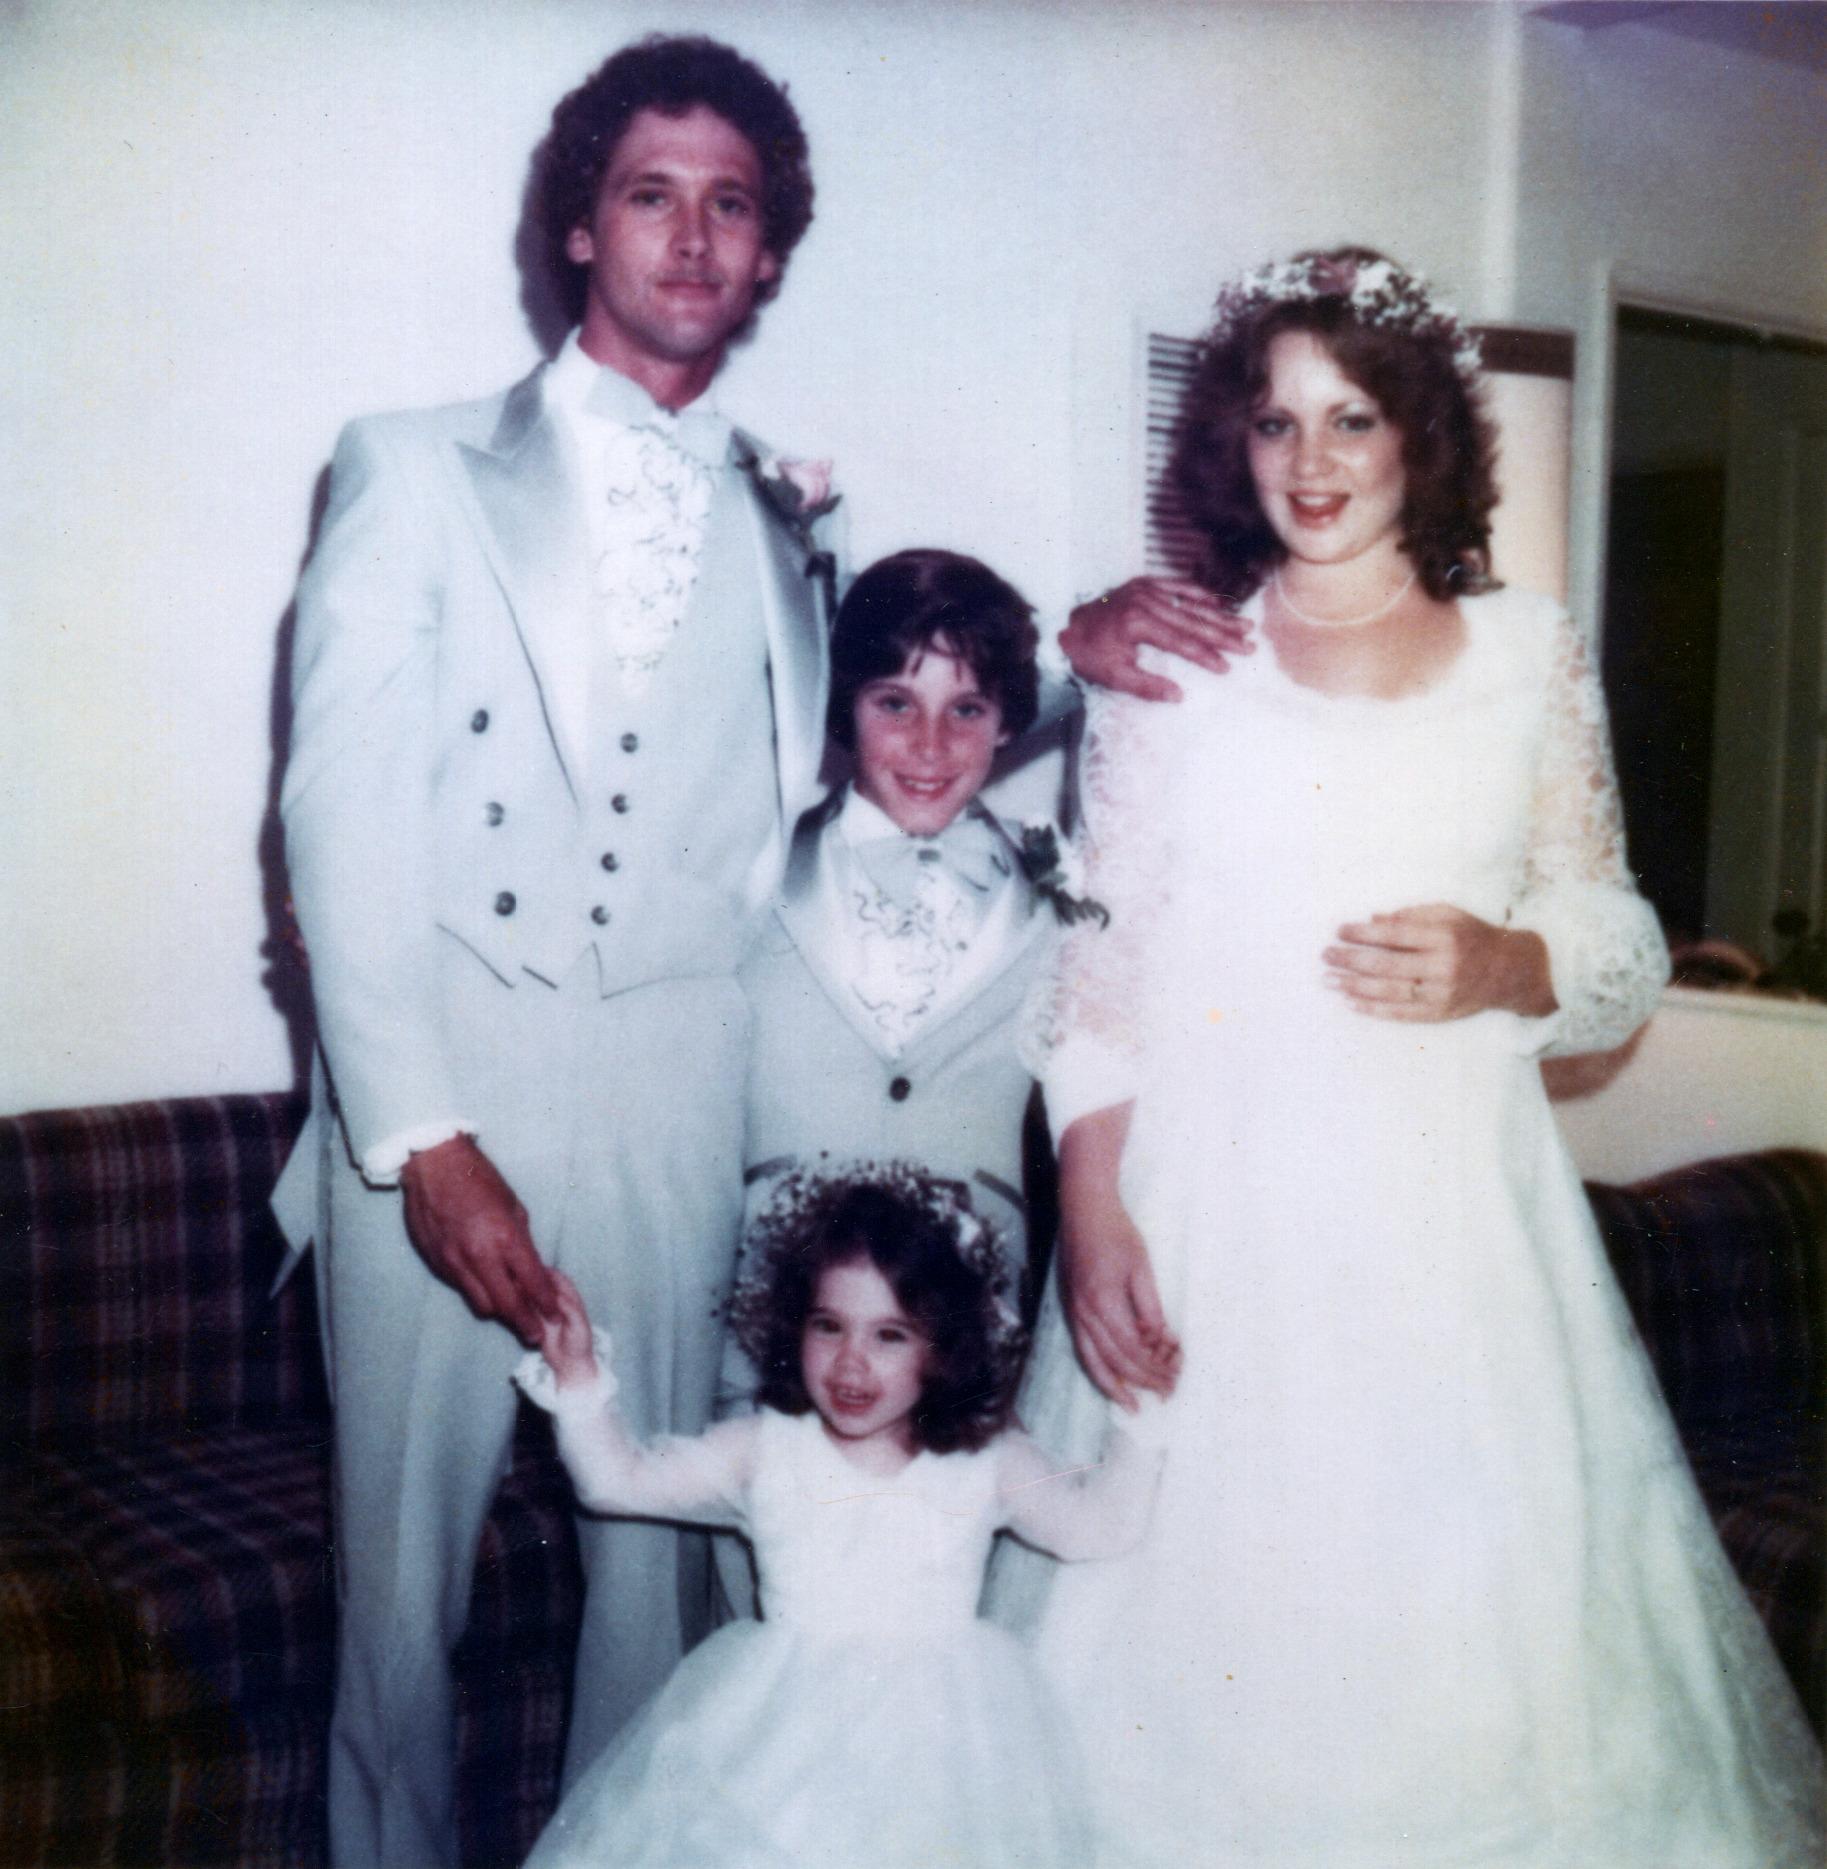 Mark, Tom, Tara & Mandy